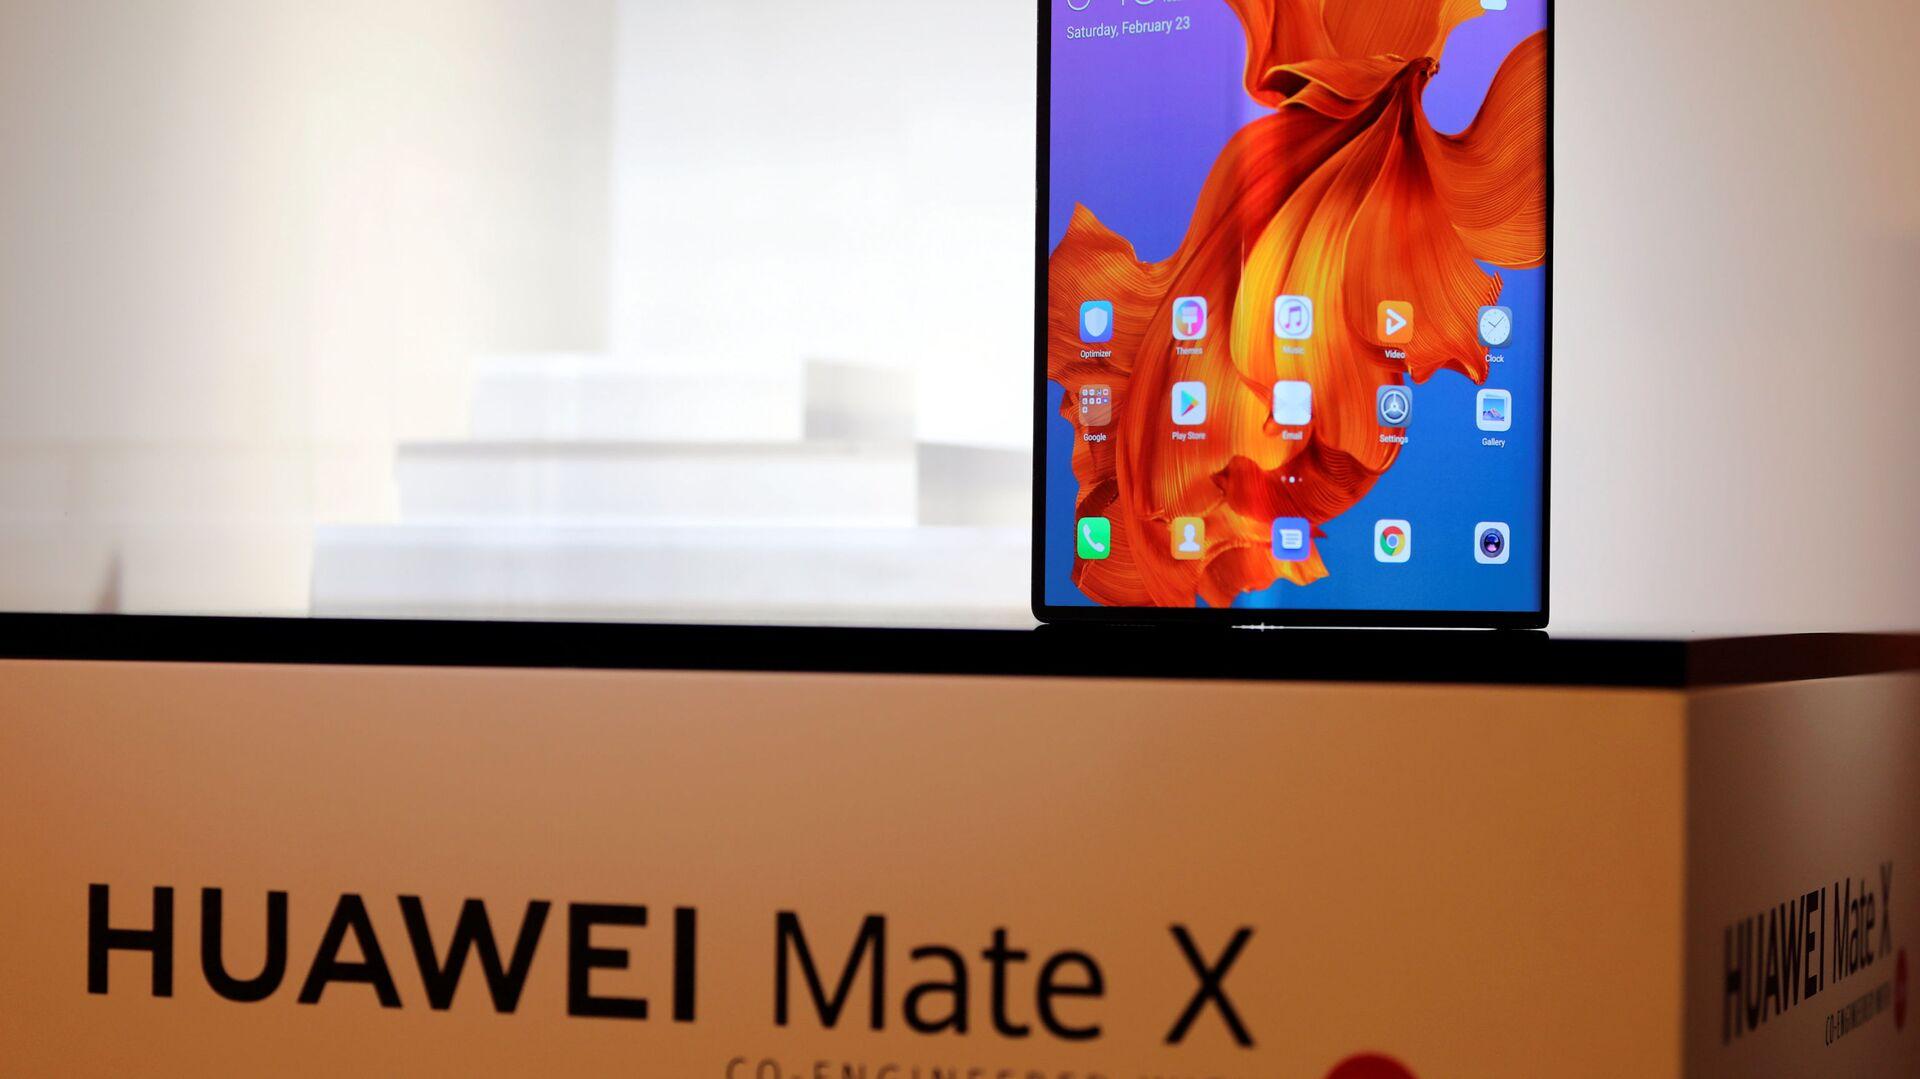 Lo smartphone d nuova generazione Huawei Mate X - Sputnik Italia, 1920, 06.05.2021